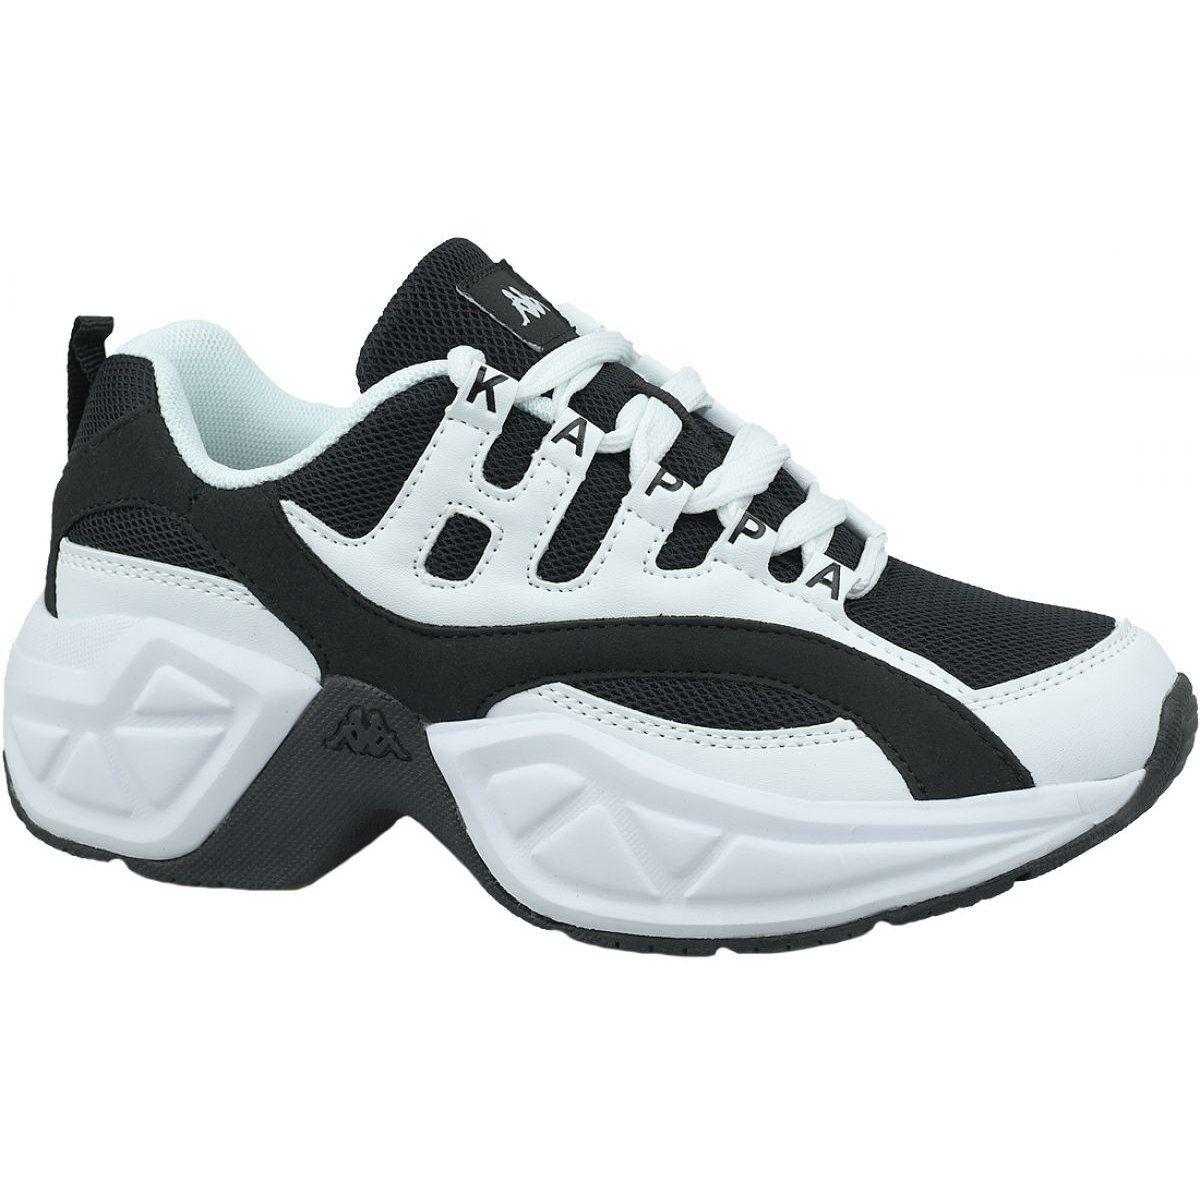 Buty Kappa Overton W 242672 1011 Biale Czarne Shoes Sneakers Sports Shoes